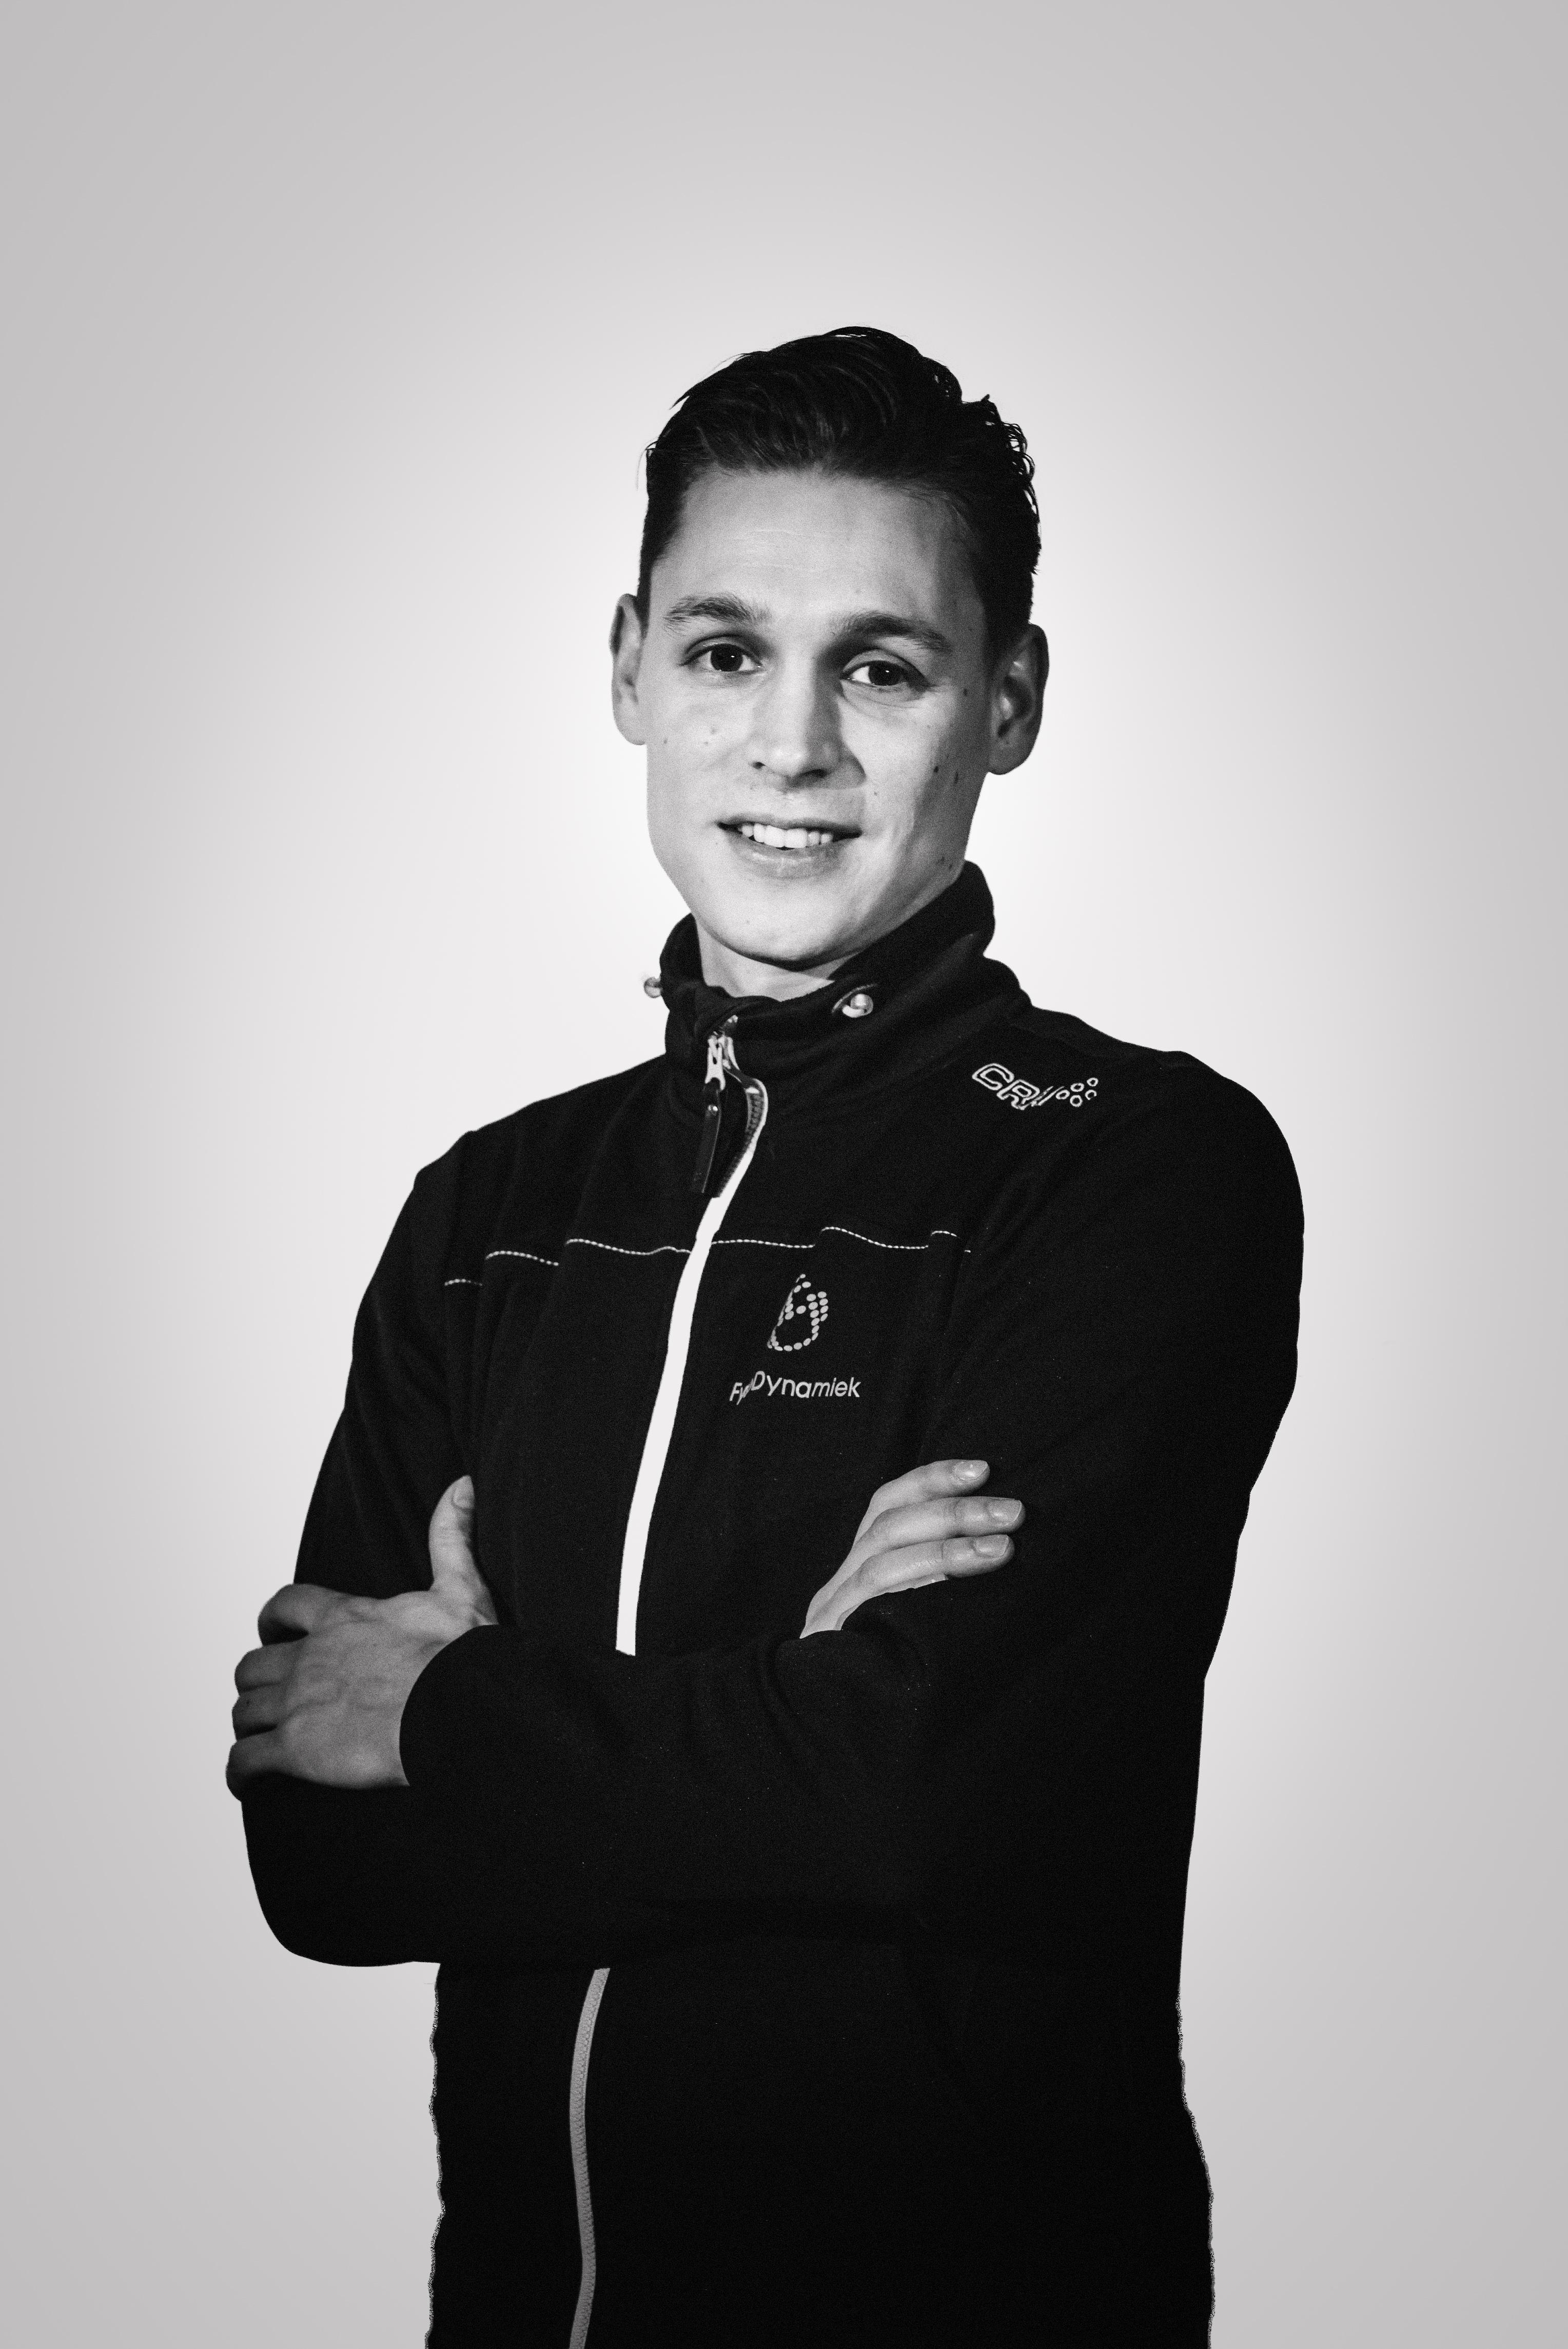 Sonny van Kampen